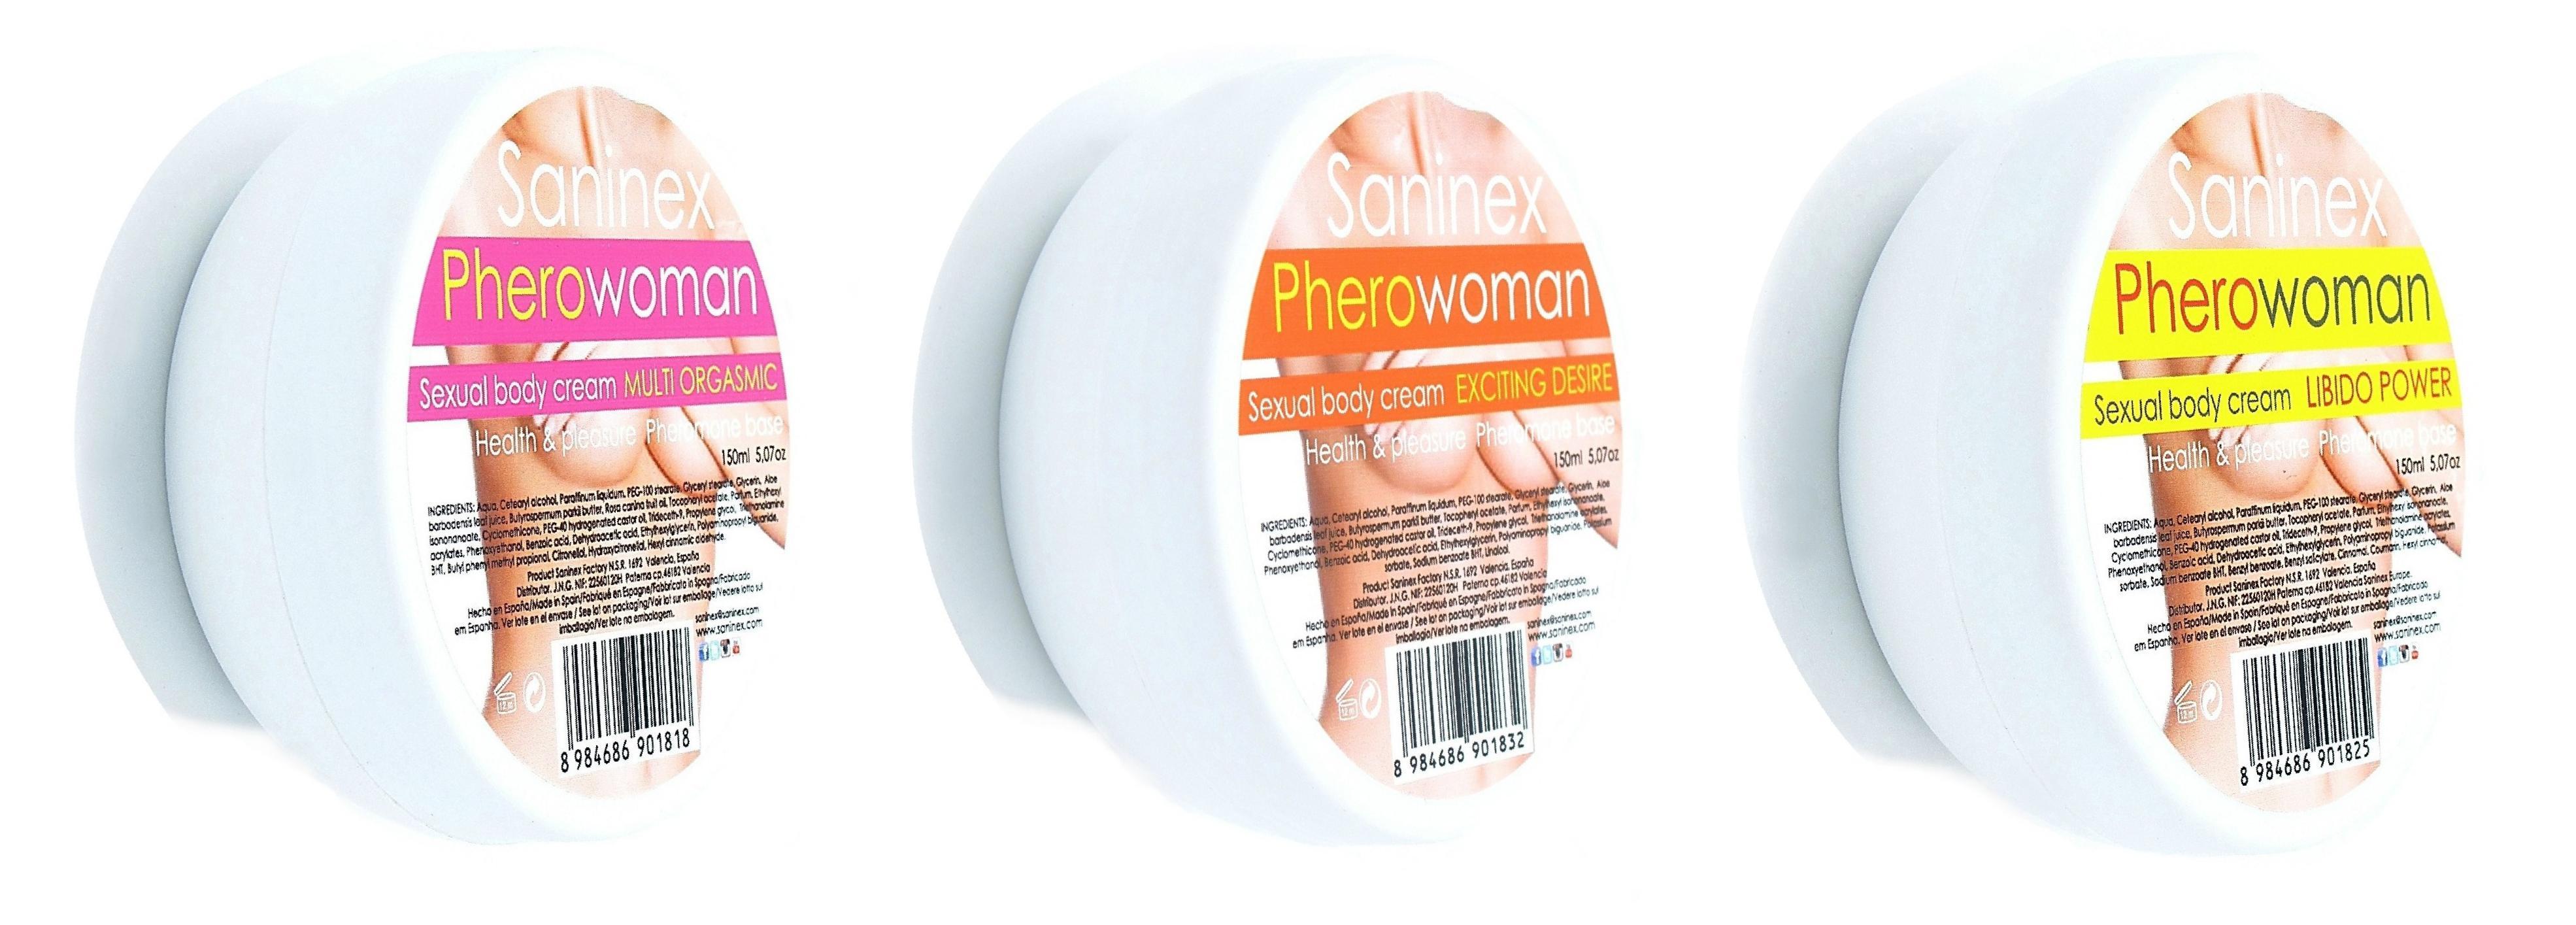 Saninex pheromones